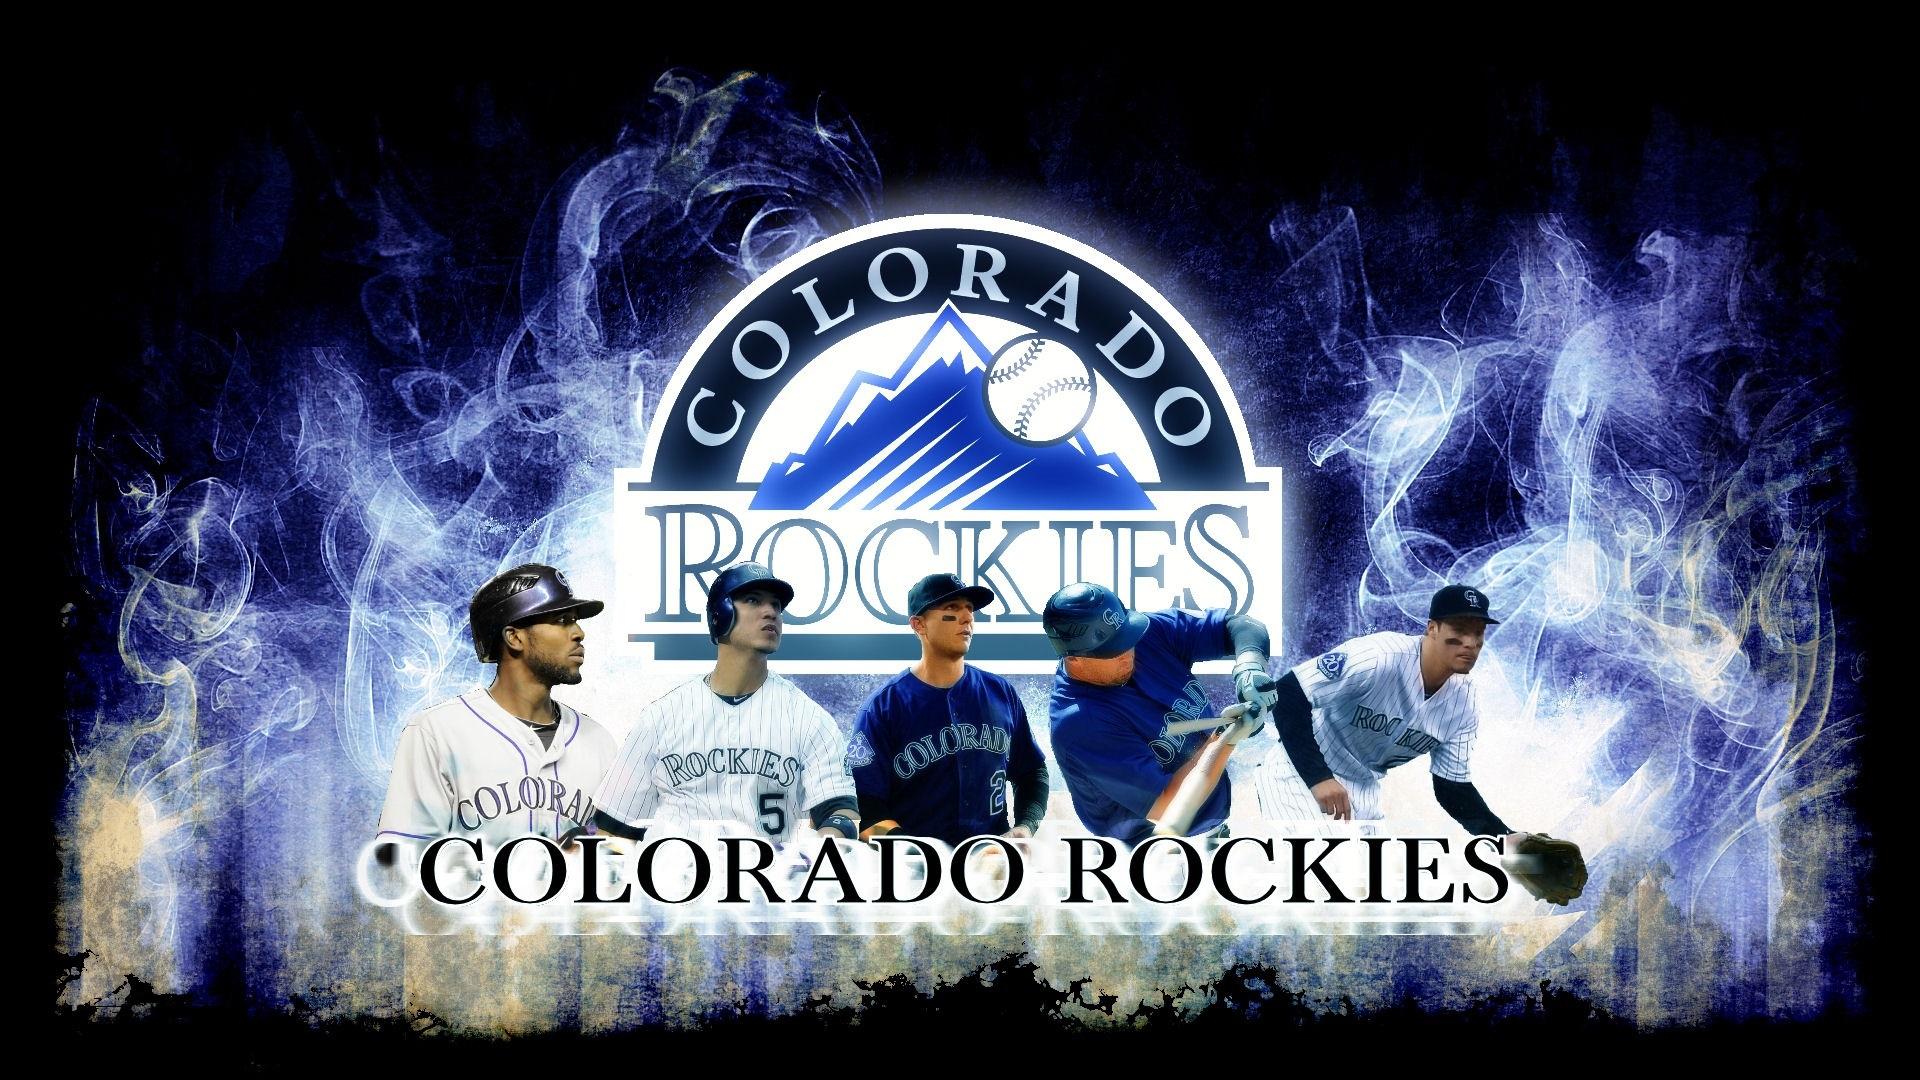 Colorado Rockies Hd Background